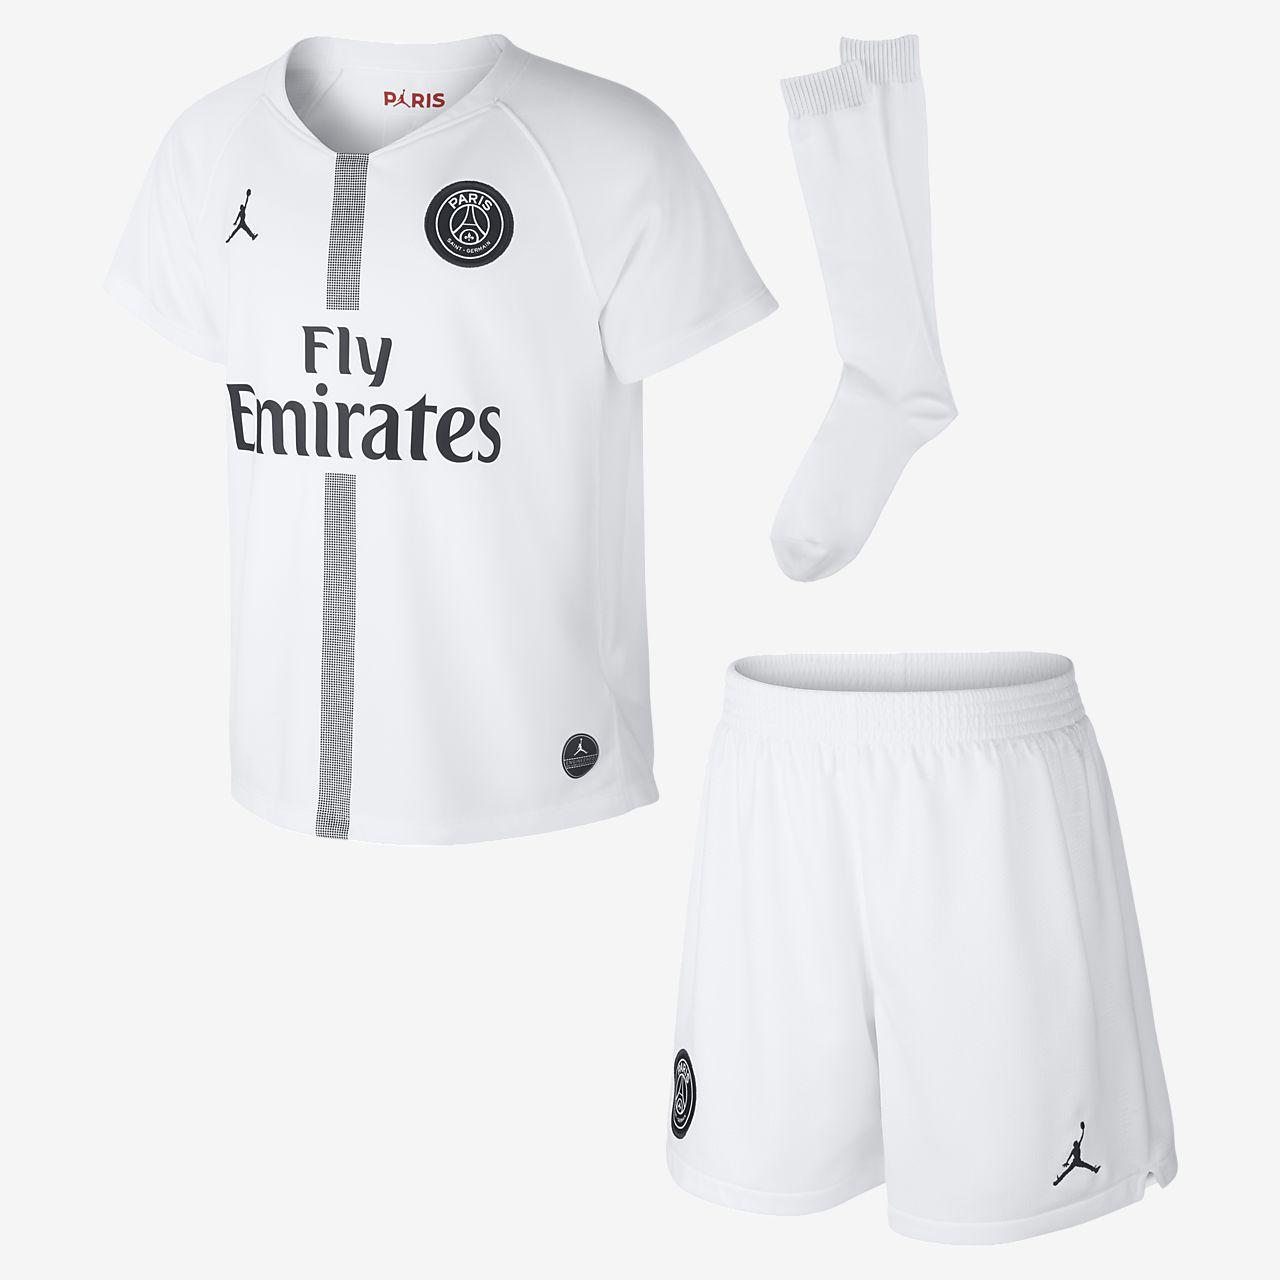 Ποδοσφαιρικό σετ 2018 Paris Saint-Germain Stadium Third για μικρά παιδιά 139daecc503